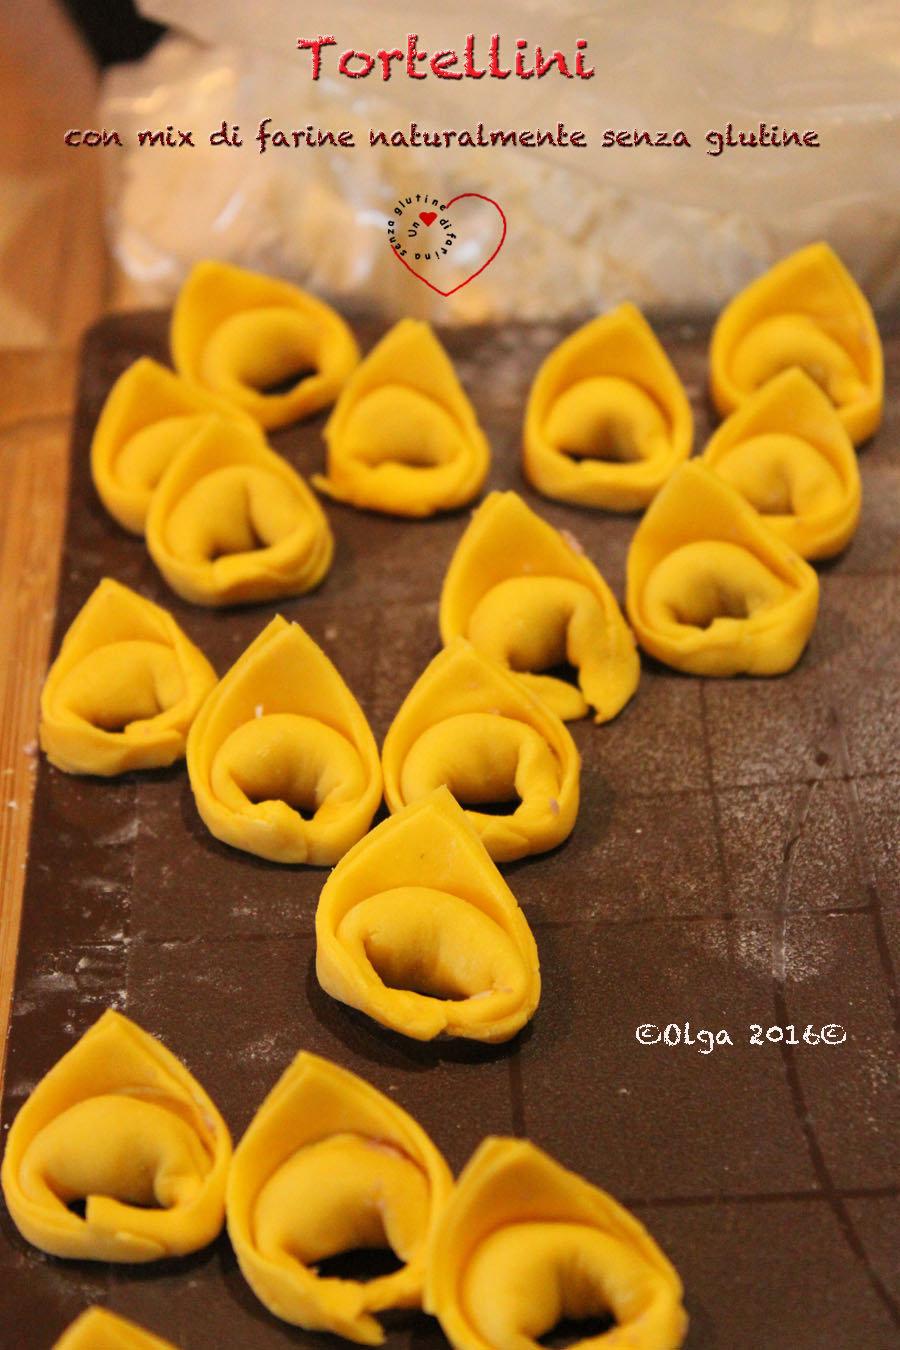 Pasta Fresca Ripiena: Tortelli, Tortellini e Cappelletti (no dietoterapeutiche)